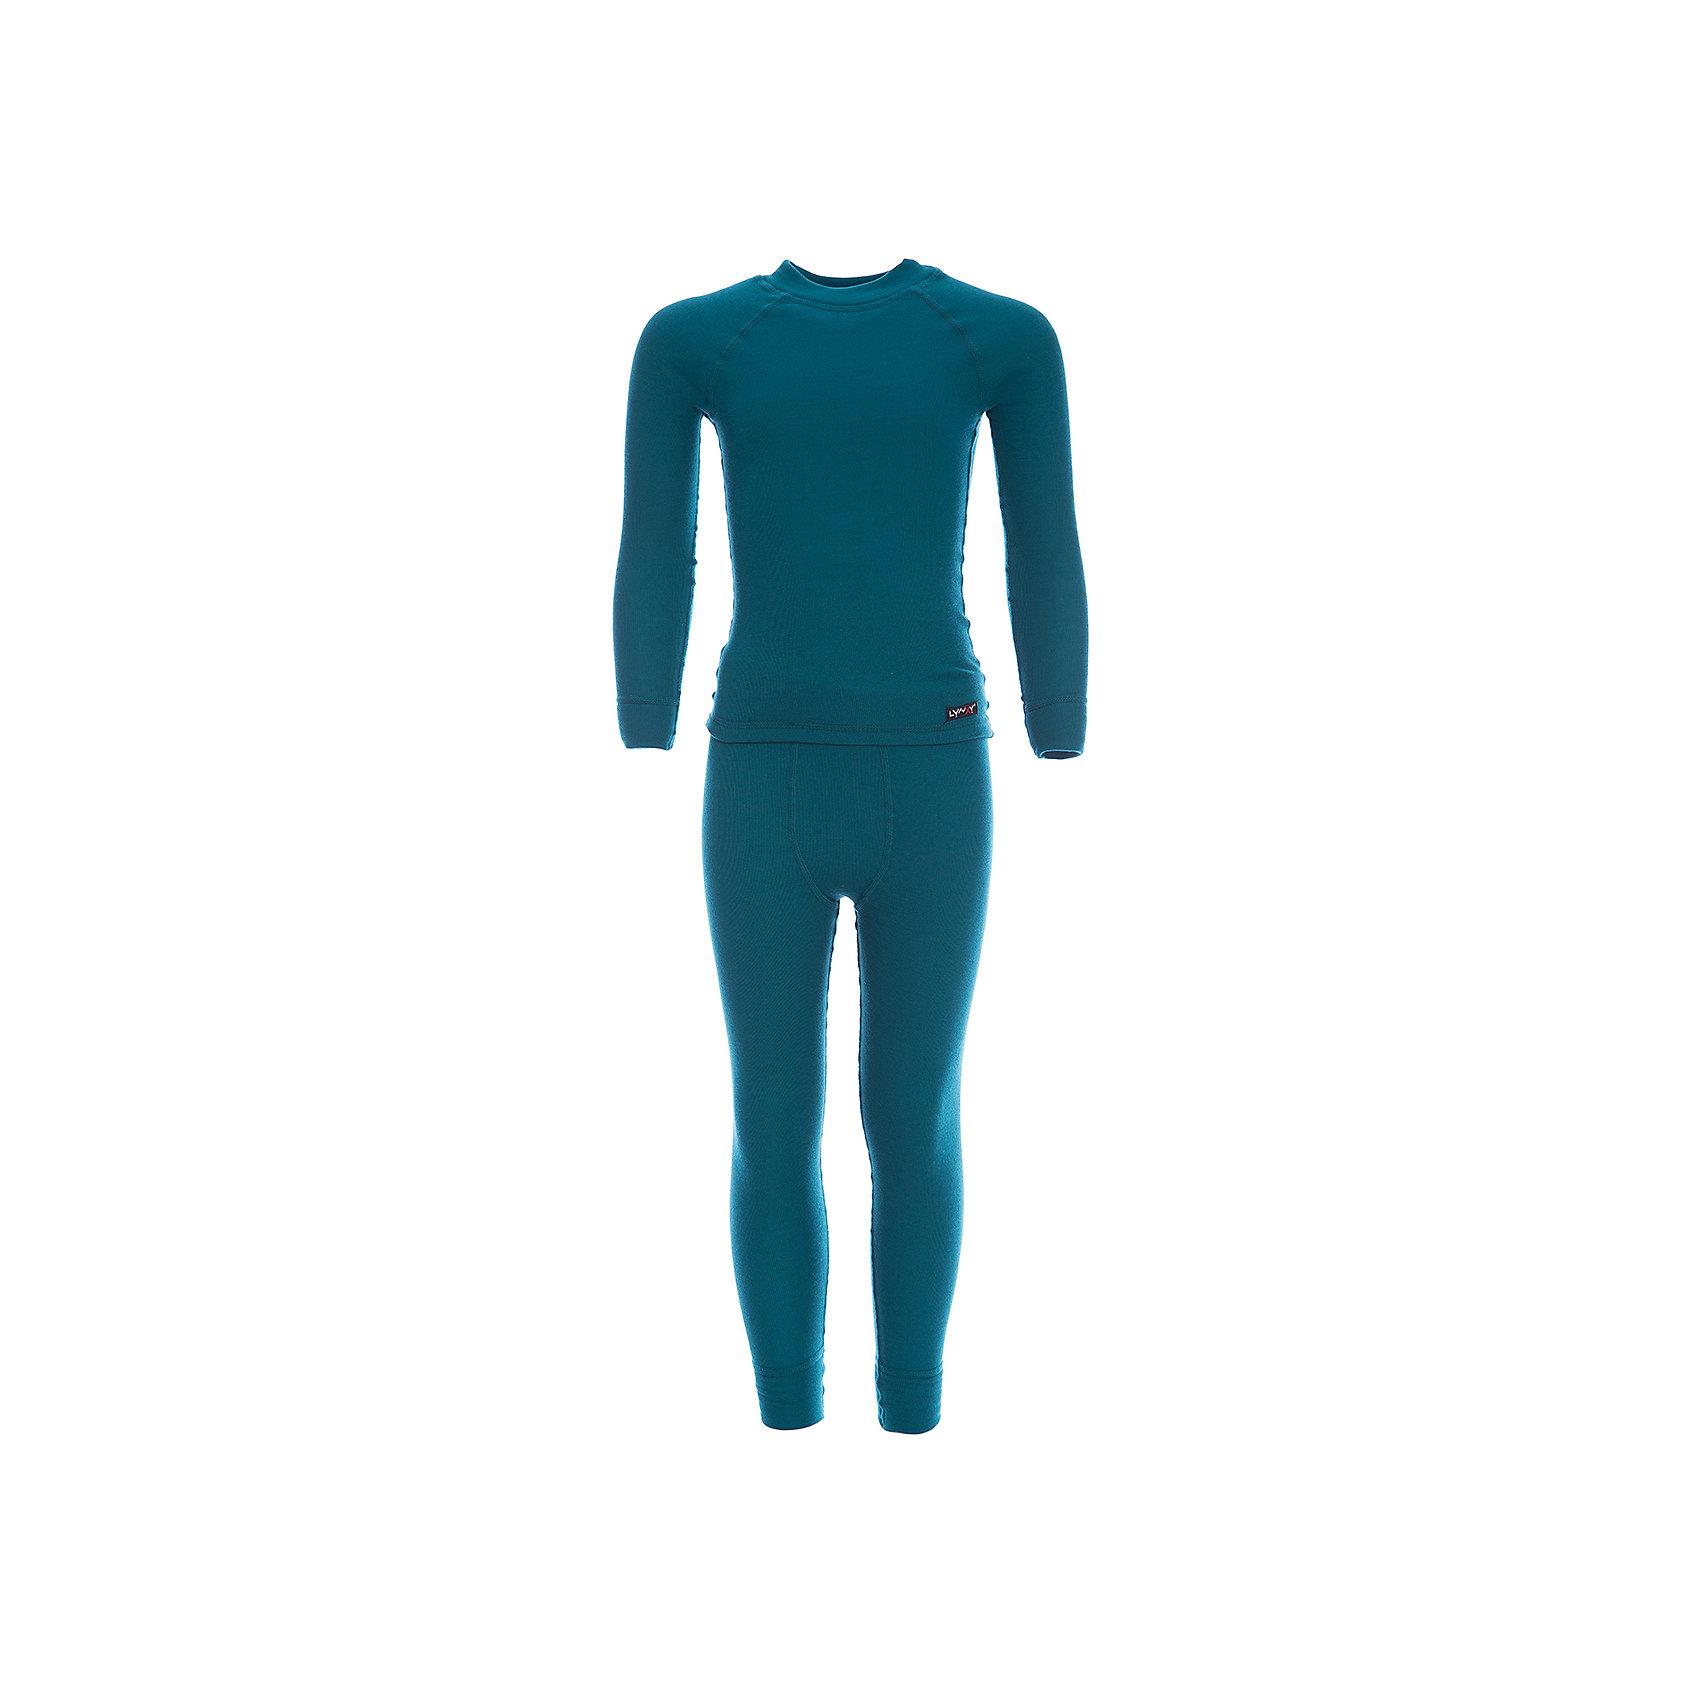 Комплект термобелья LynxyФлис и термобелье<br>Характеристики товара:<br><br>• цвет: морской волны<br>• комплектация: лонгслив и рейтузы<br>• состав ткани: 95% полиэстер, 5% вискоза <br>• подкладка: нет<br>• сезон: зима<br>• температурный режим: от -30 до 0<br>• пояс: резинка<br>• длинные рукава<br>• страна бренда: Россия<br>• страна изготовитель: Россия<br><br>Такой детский комплект термобелья состоит из лонгслива и рейтуз. Такое термобелье можно надевать как нижний слой в морозы. Качественный материал комплекта термобелья для детей позволяет коже дышать и впитывает лишнюю влагу. Ткань Trevira с микроначесом приятна на ощупь. <br><br>Комплект термобелья Lynxy (Линкси) можно купить в нашем интернет-магазине.<br><br>Ширина мм: 123<br>Глубина мм: 10<br>Высота мм: 149<br>Вес г: 209<br>Цвет: зеленый<br>Возраст от месяцев: 36<br>Возраст до месяцев: 48<br>Пол: Унисекс<br>Возраст: Детский<br>Размер: 104,170,98,110,116,122,128,134,140,146,152,158,164<br>SKU: 7038614